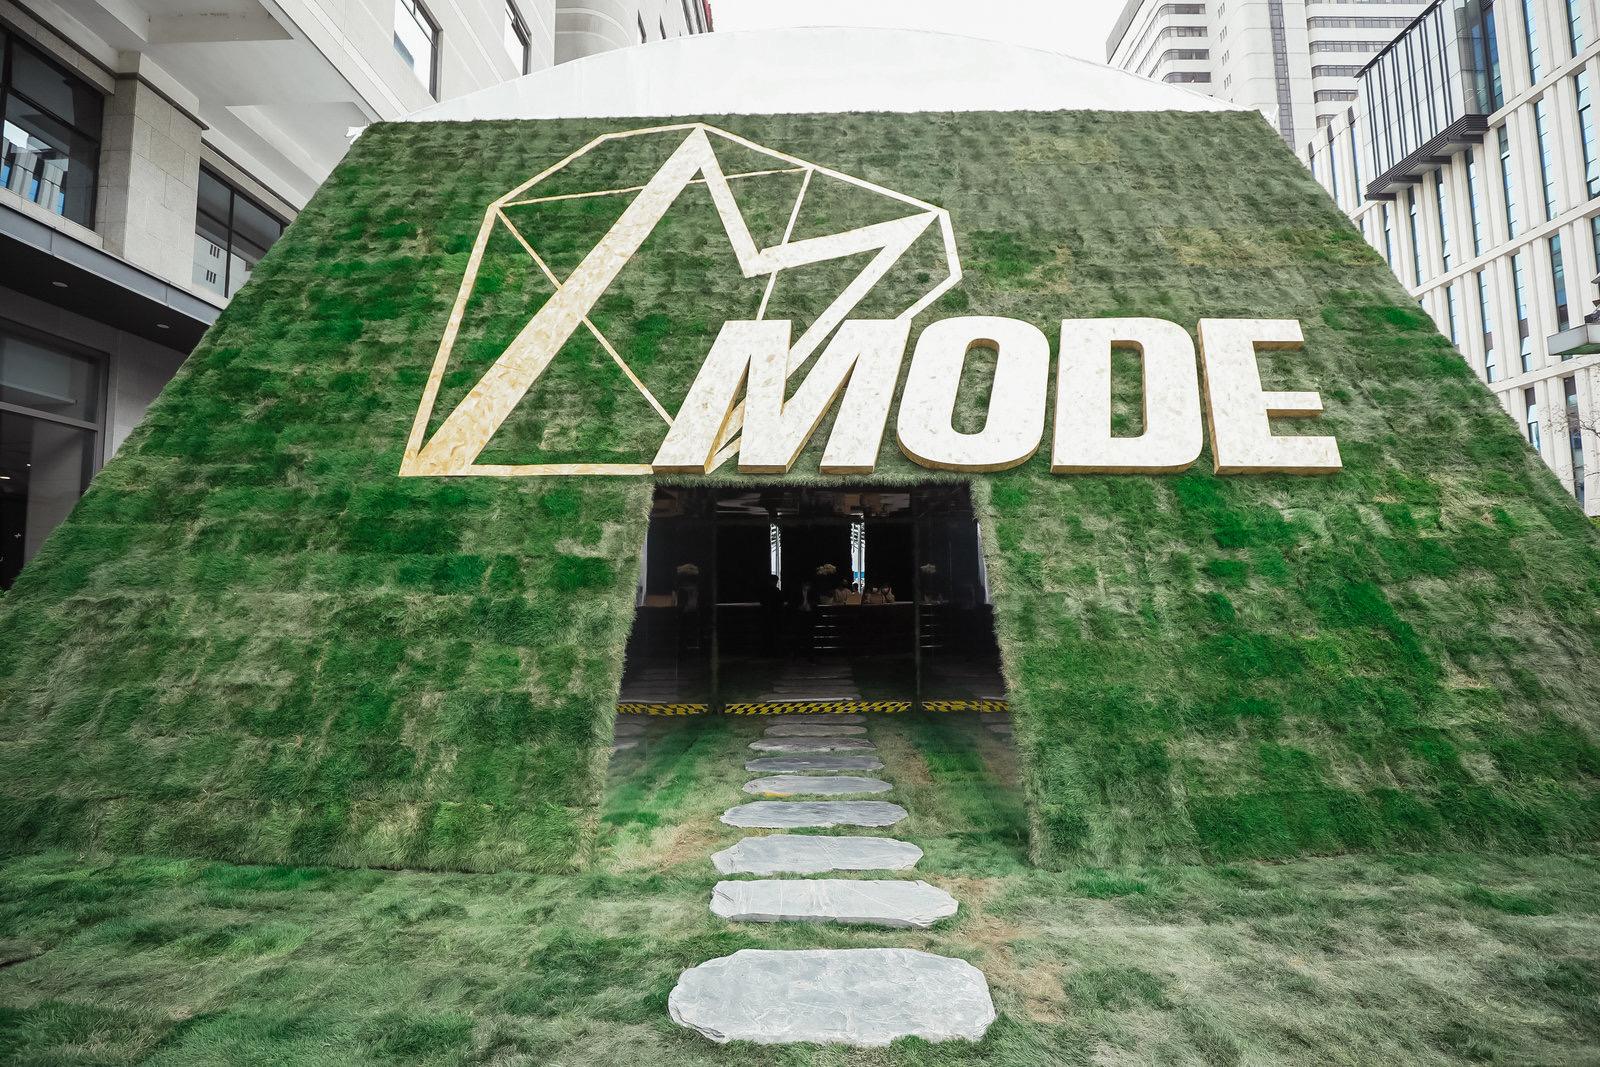 深度 | 中国设计师品牌爆发了吗?《华丽志》在上海时装周贸易展会进行了一手调研